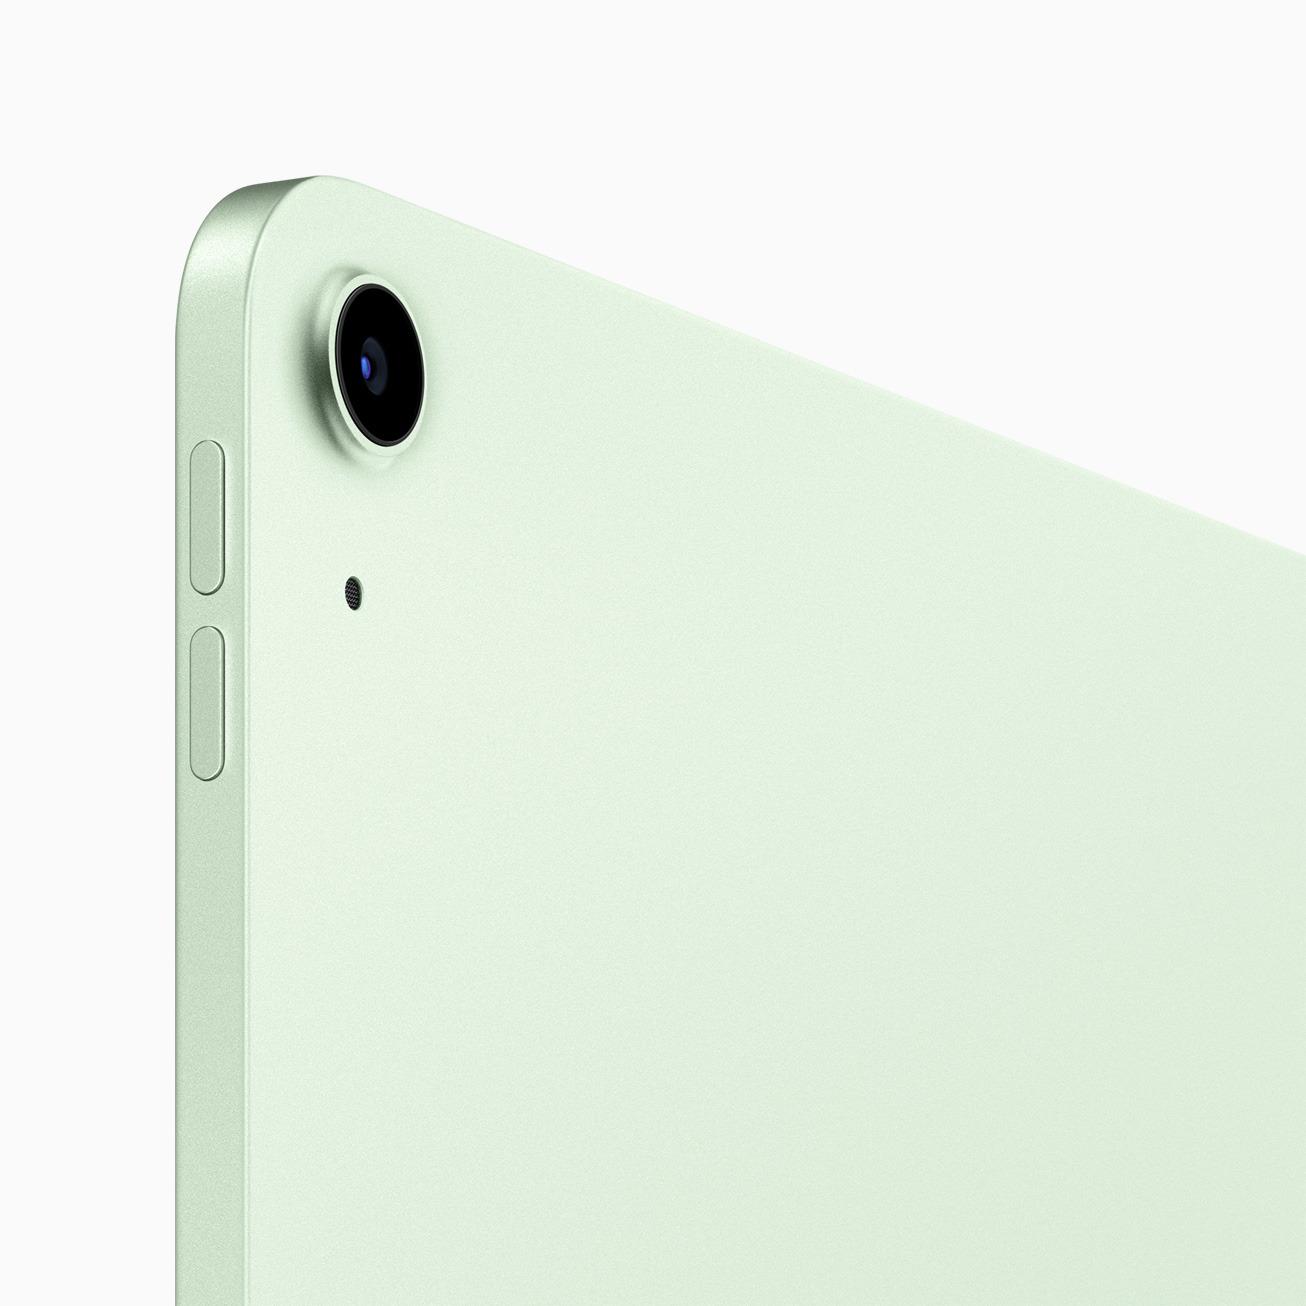 La cámara trasera del iPad Air se ha actualizado a una 12-sensor de megapíxeles